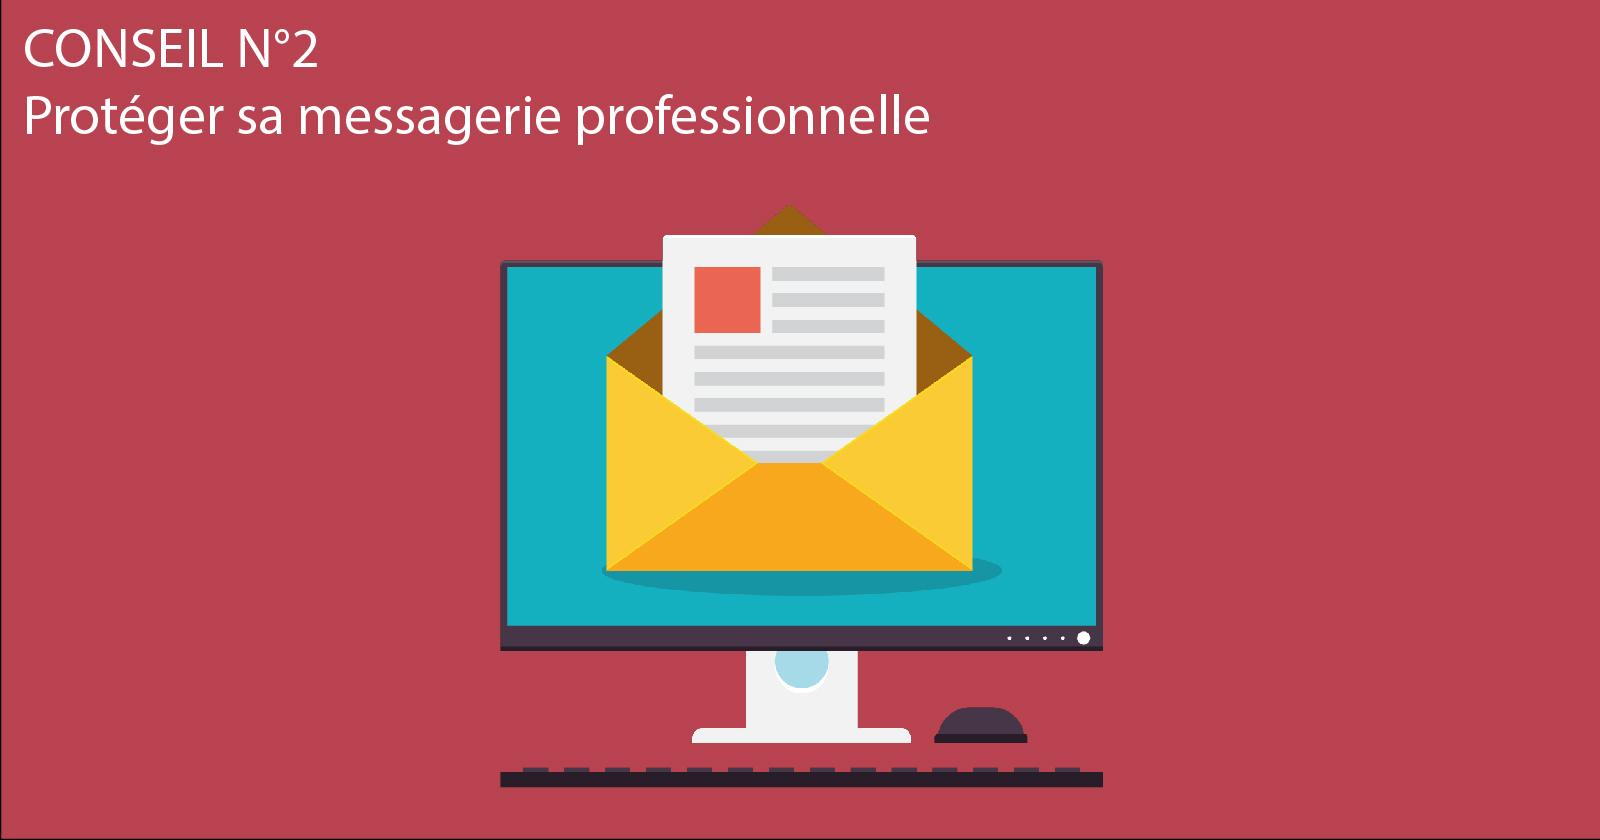 CONSEIL N°2 : Protéger sa messagerie professionnelle